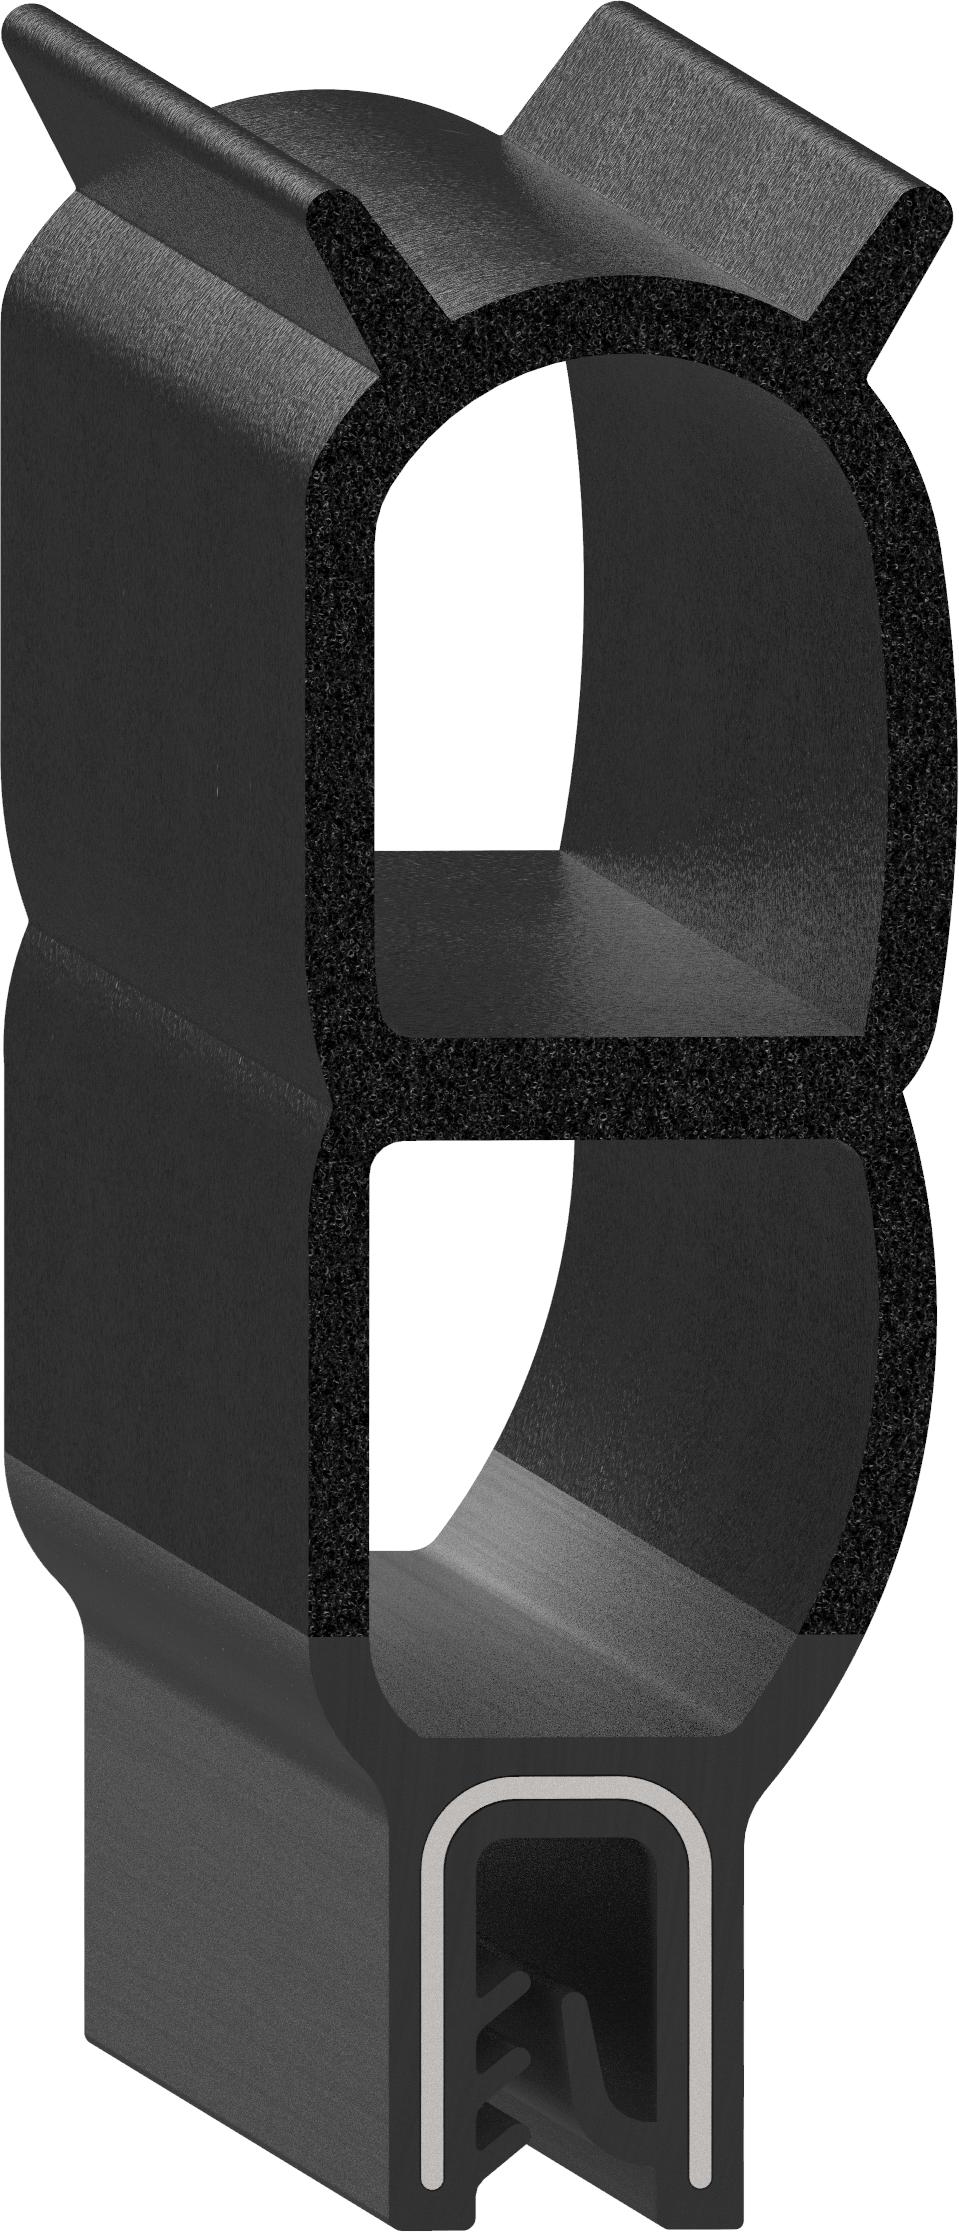 Uni-Grip part: SD-12180